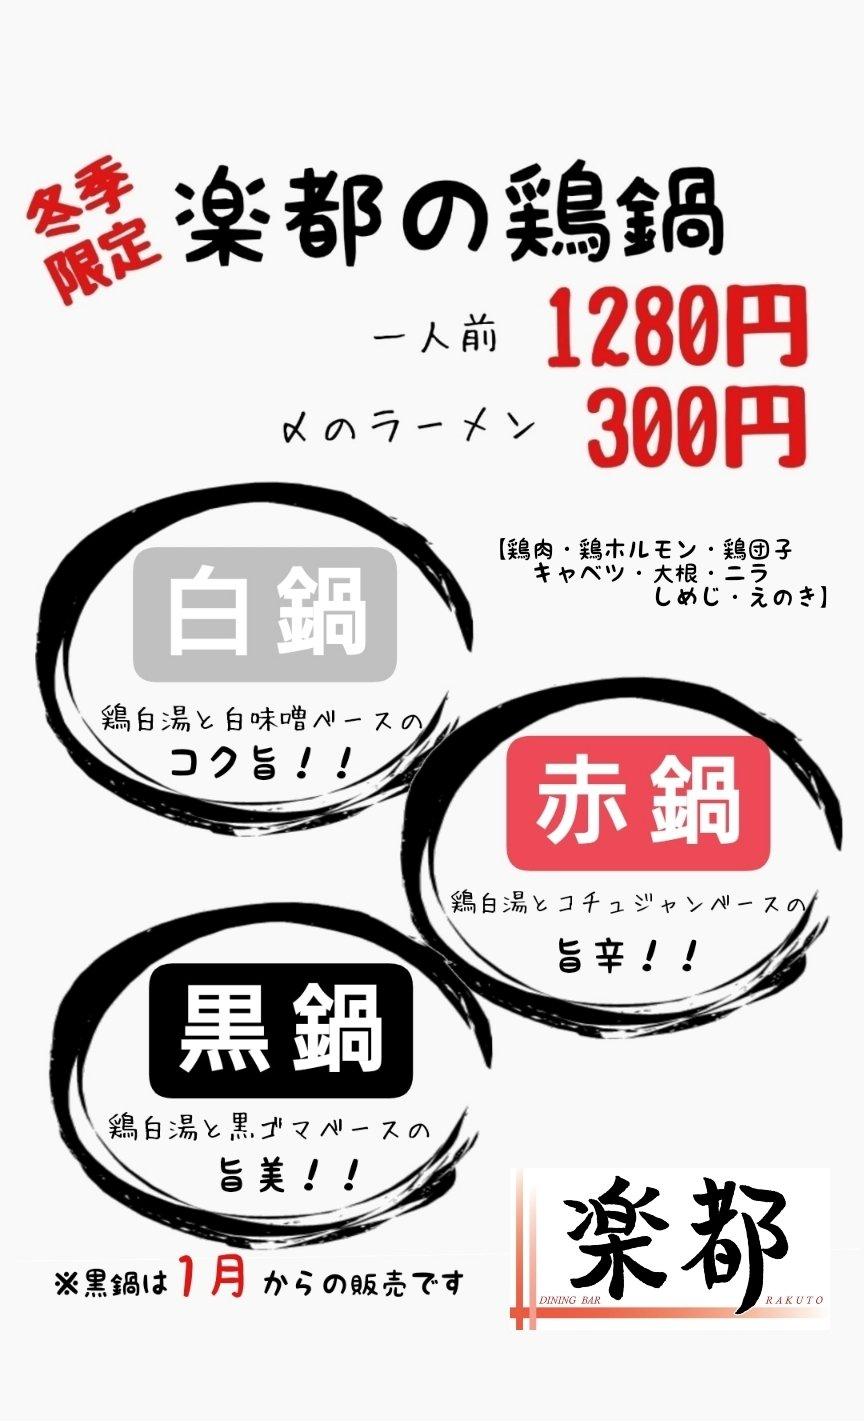 リベンジ成功(たくや)【ダイニングバー楽都】